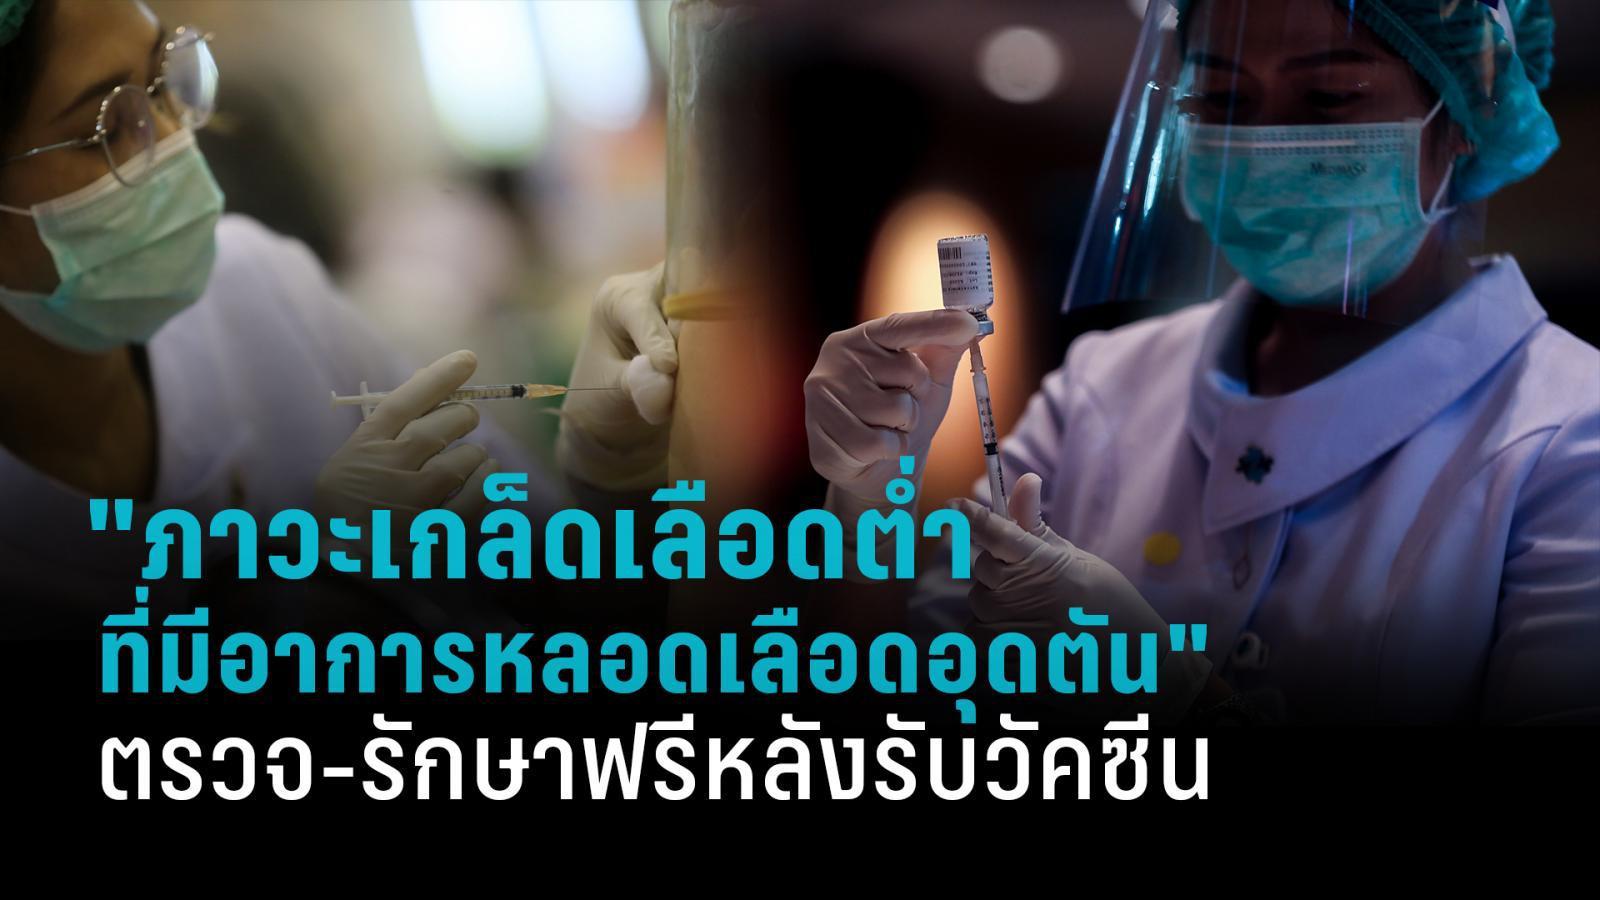 สปสช.เพิ่มสิทธิตรวจ-รักษาภาวะเกล็ดเลือดต่ำที่มีอาการหลอดเลือดอุดตัน หลังได้รับวัคซีนโควิด-19